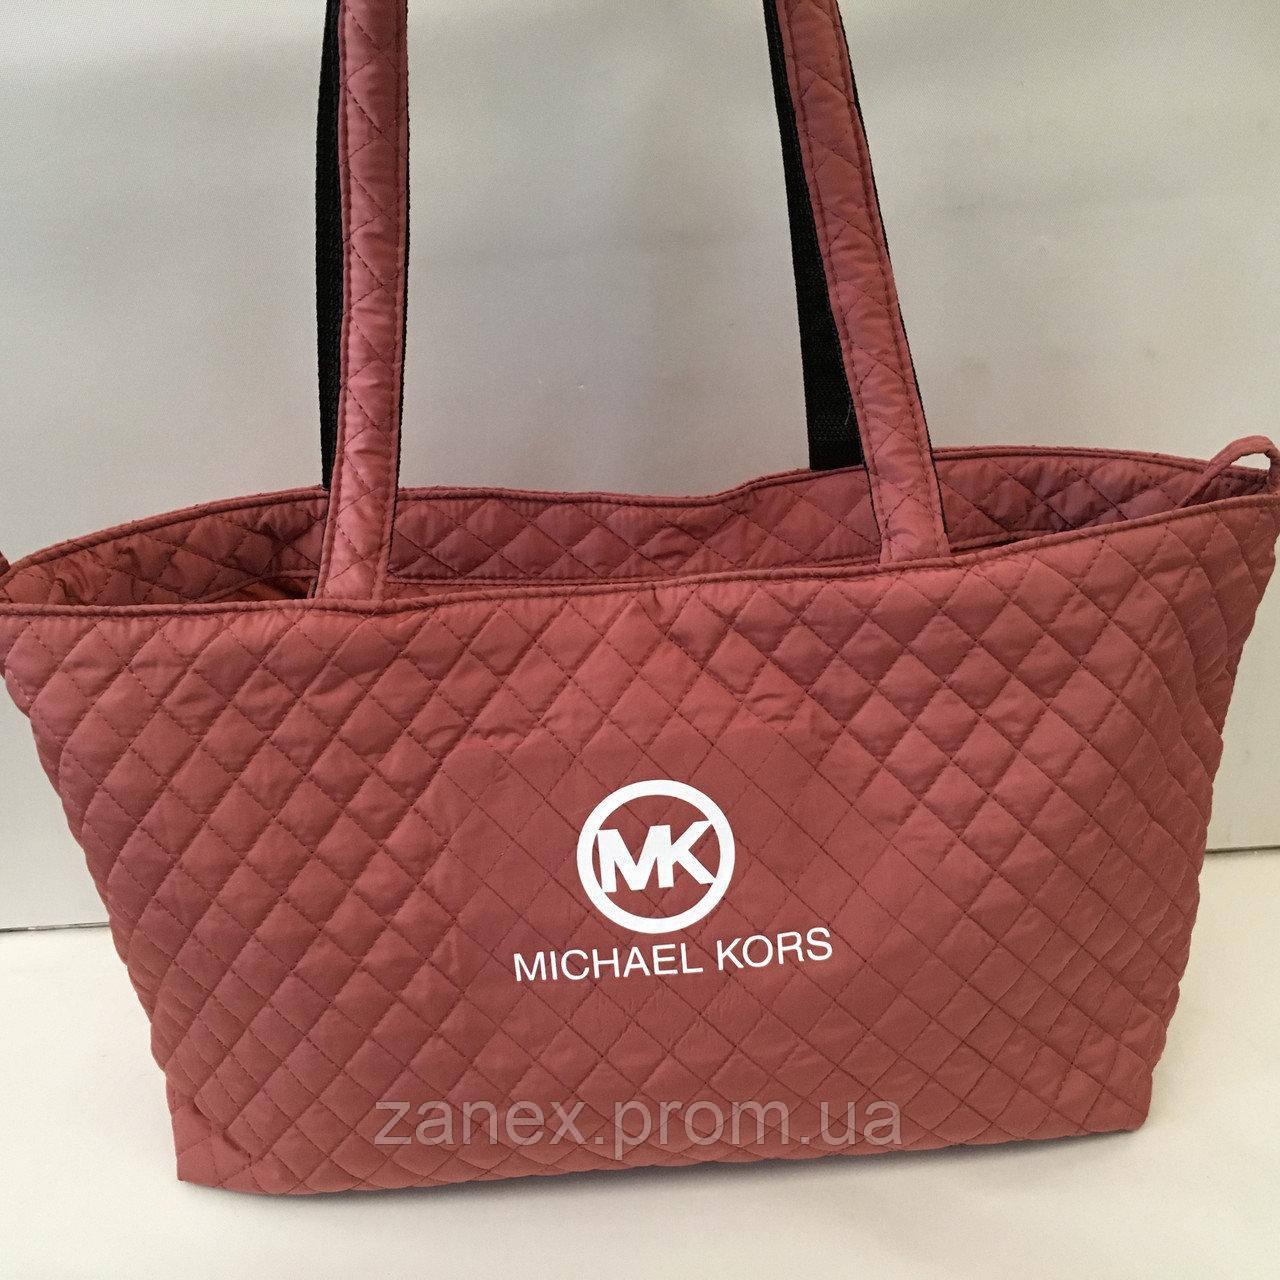 Женская сумка стеганая (терракотовый) Michael Kors